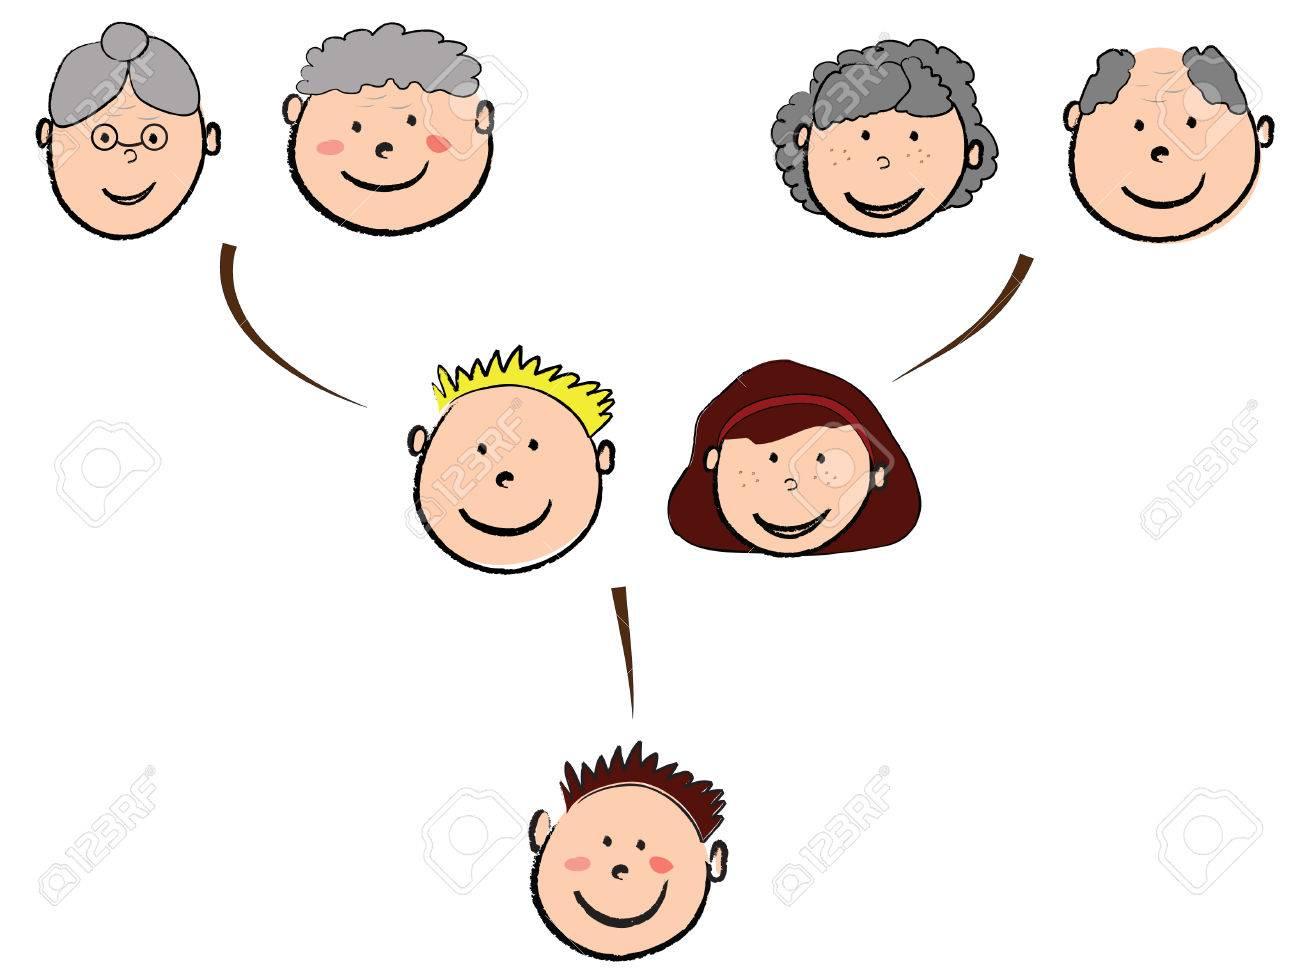 Family Tree Cartoon Images Female Family Tree Cartoon